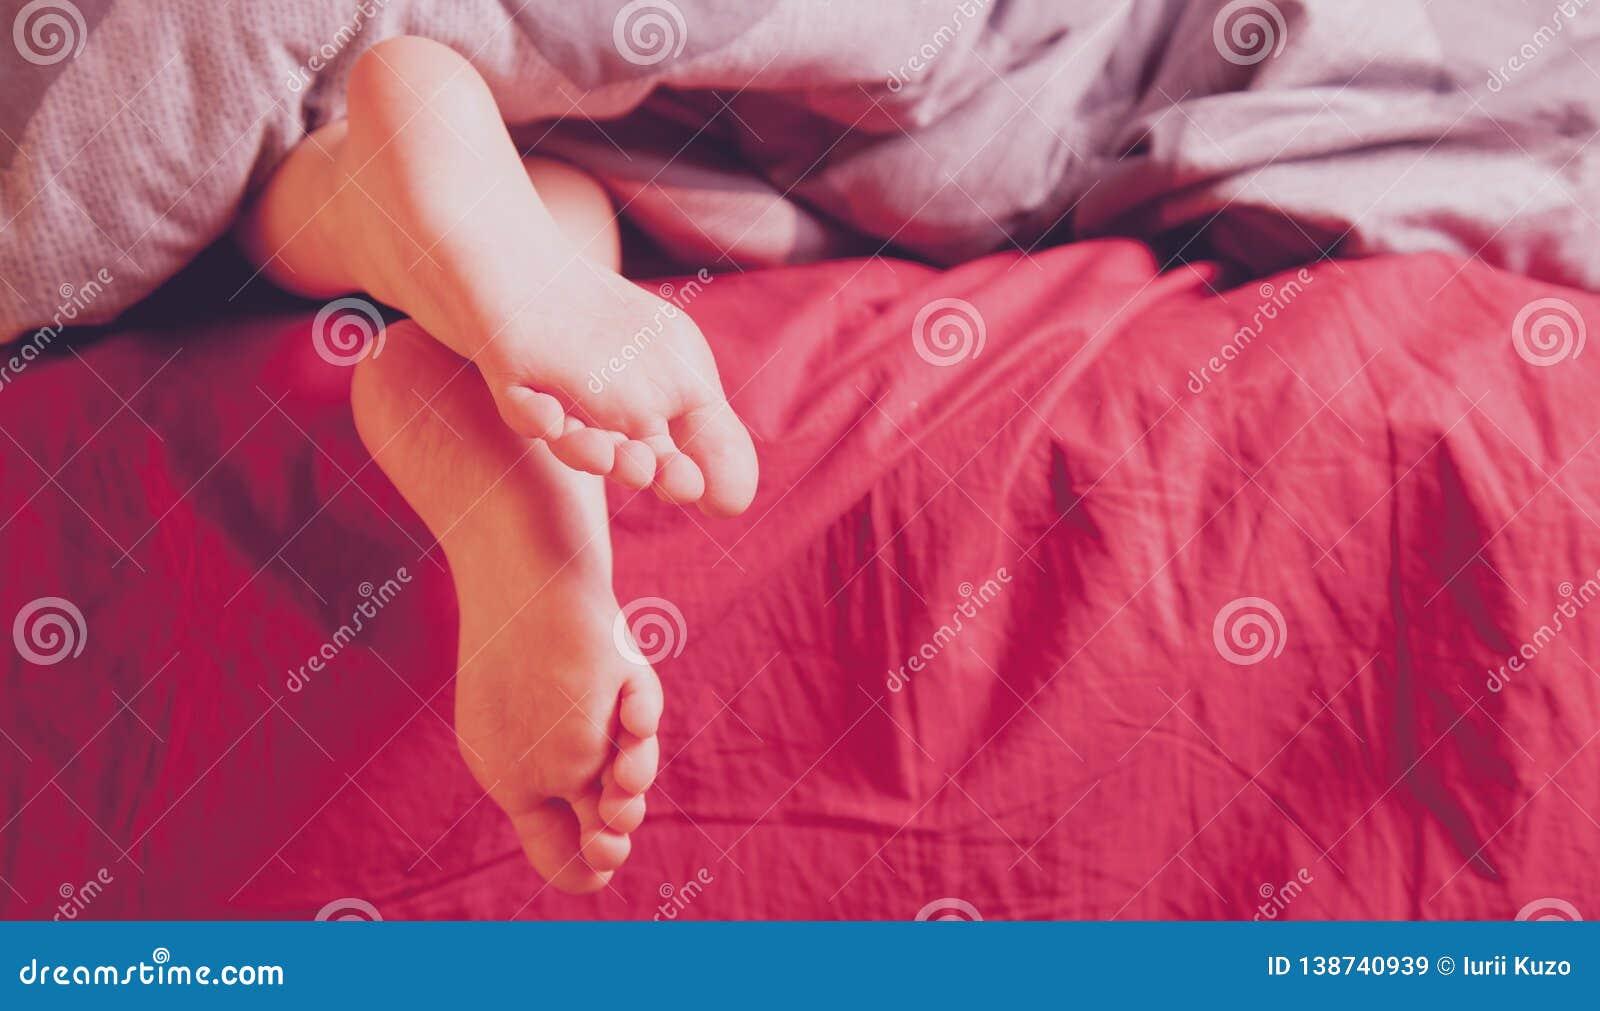 Χαριτωμένος λίγος ύπνος κοριτσιών παιδιών στο κρεβάτι στο σπίτι Πόδια κάτω από το κάλυμμα στο κρεβάτι της στην κρεβατοκάμαρα